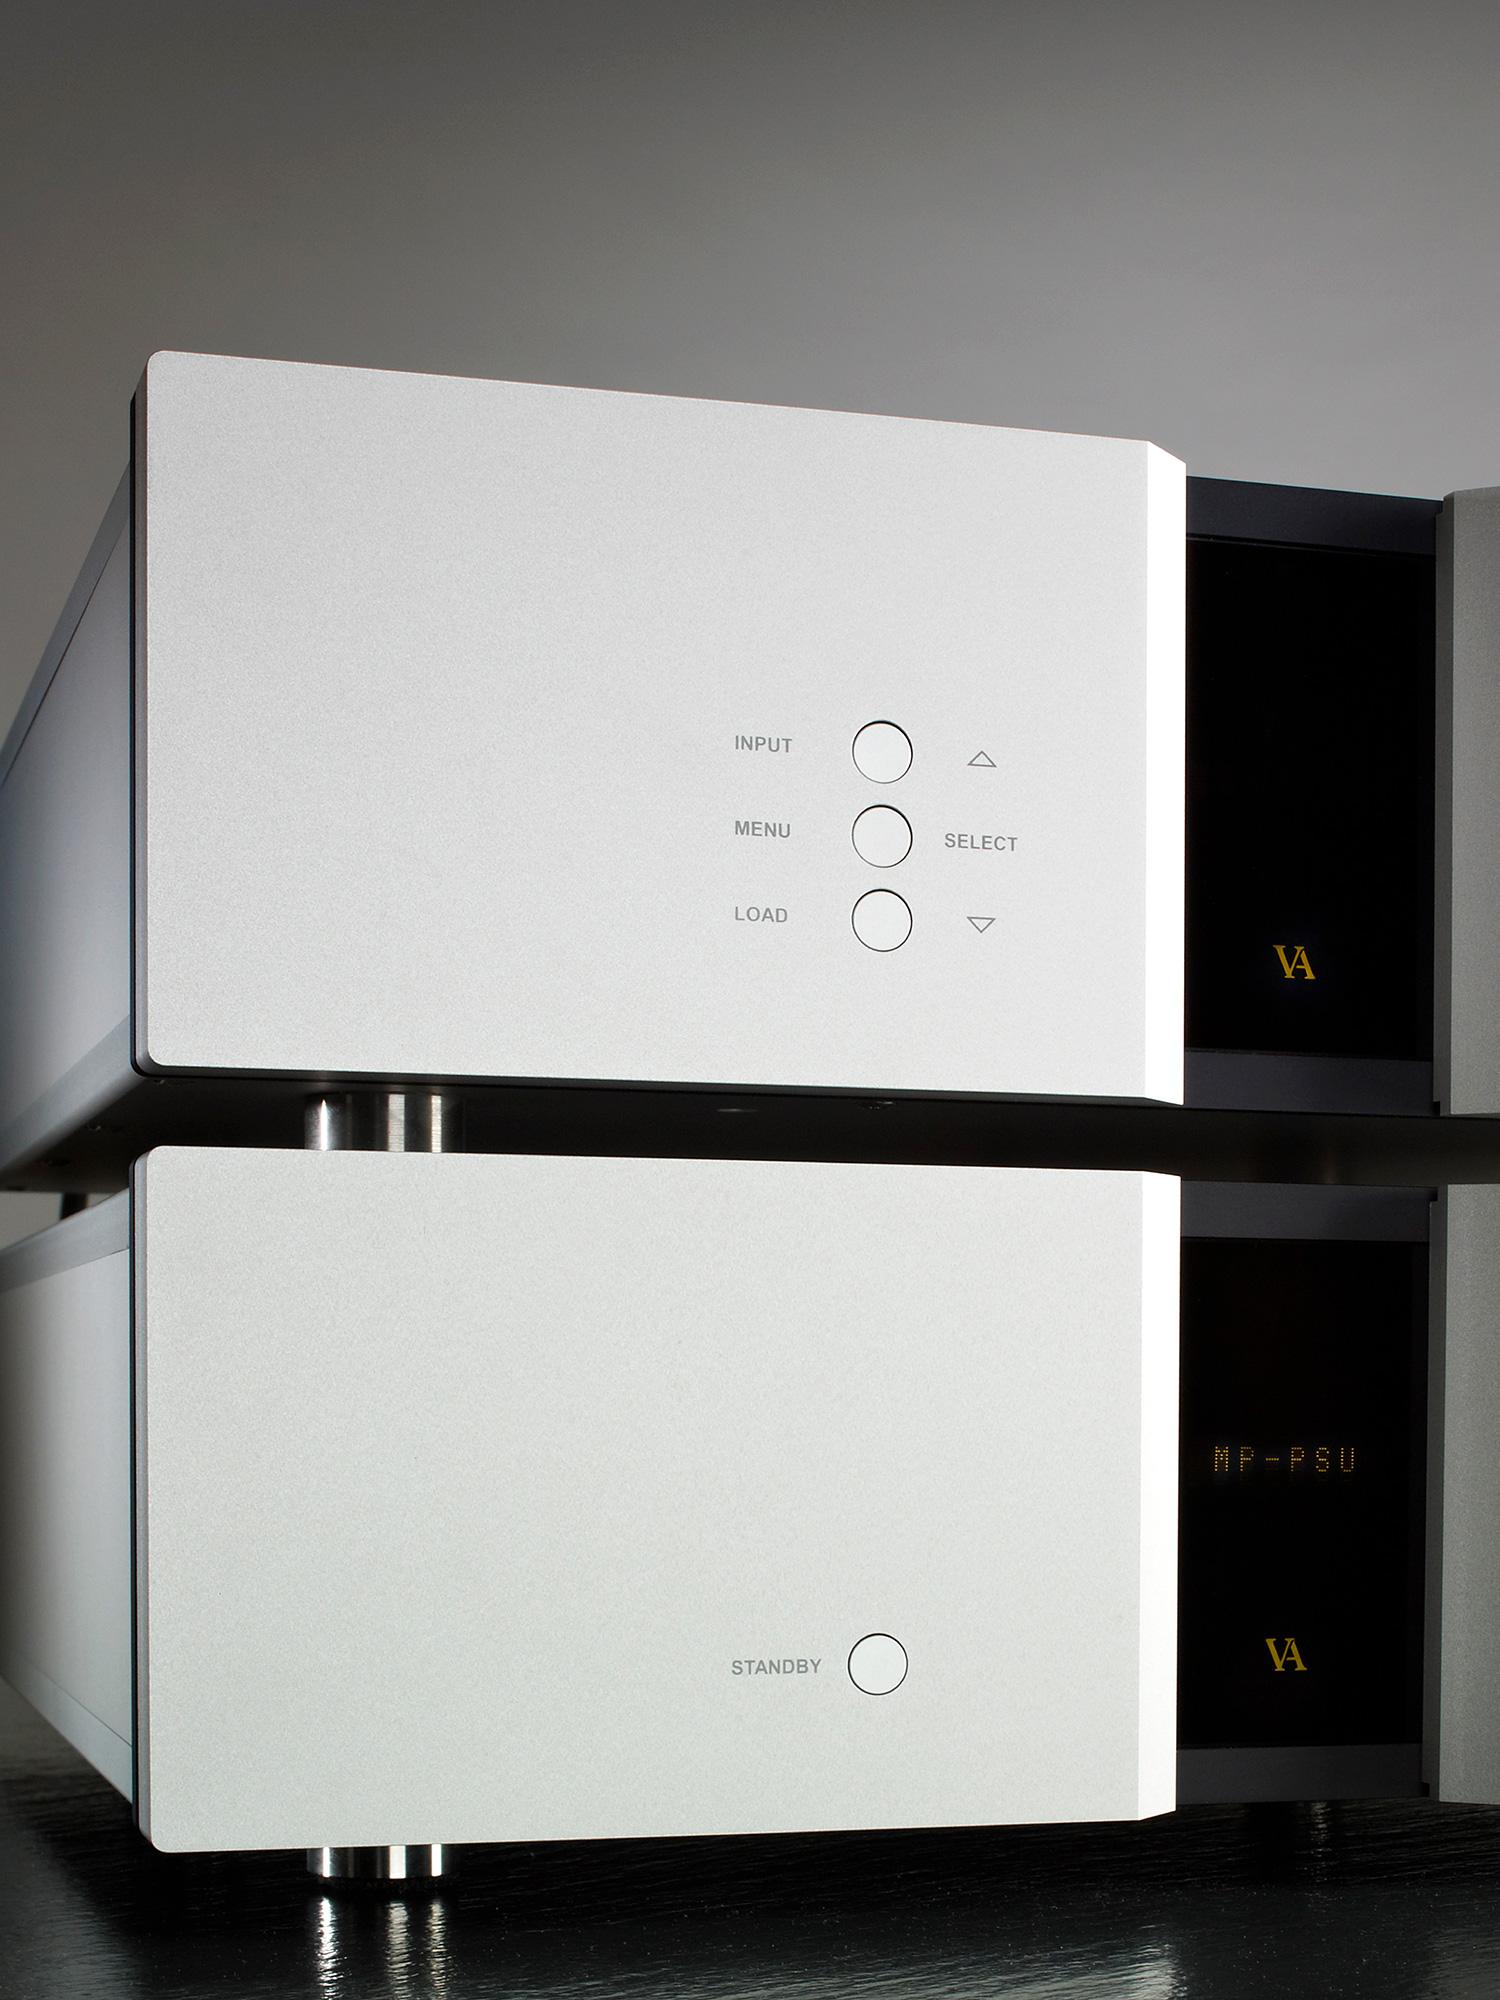 Vitus Audio MP-P201